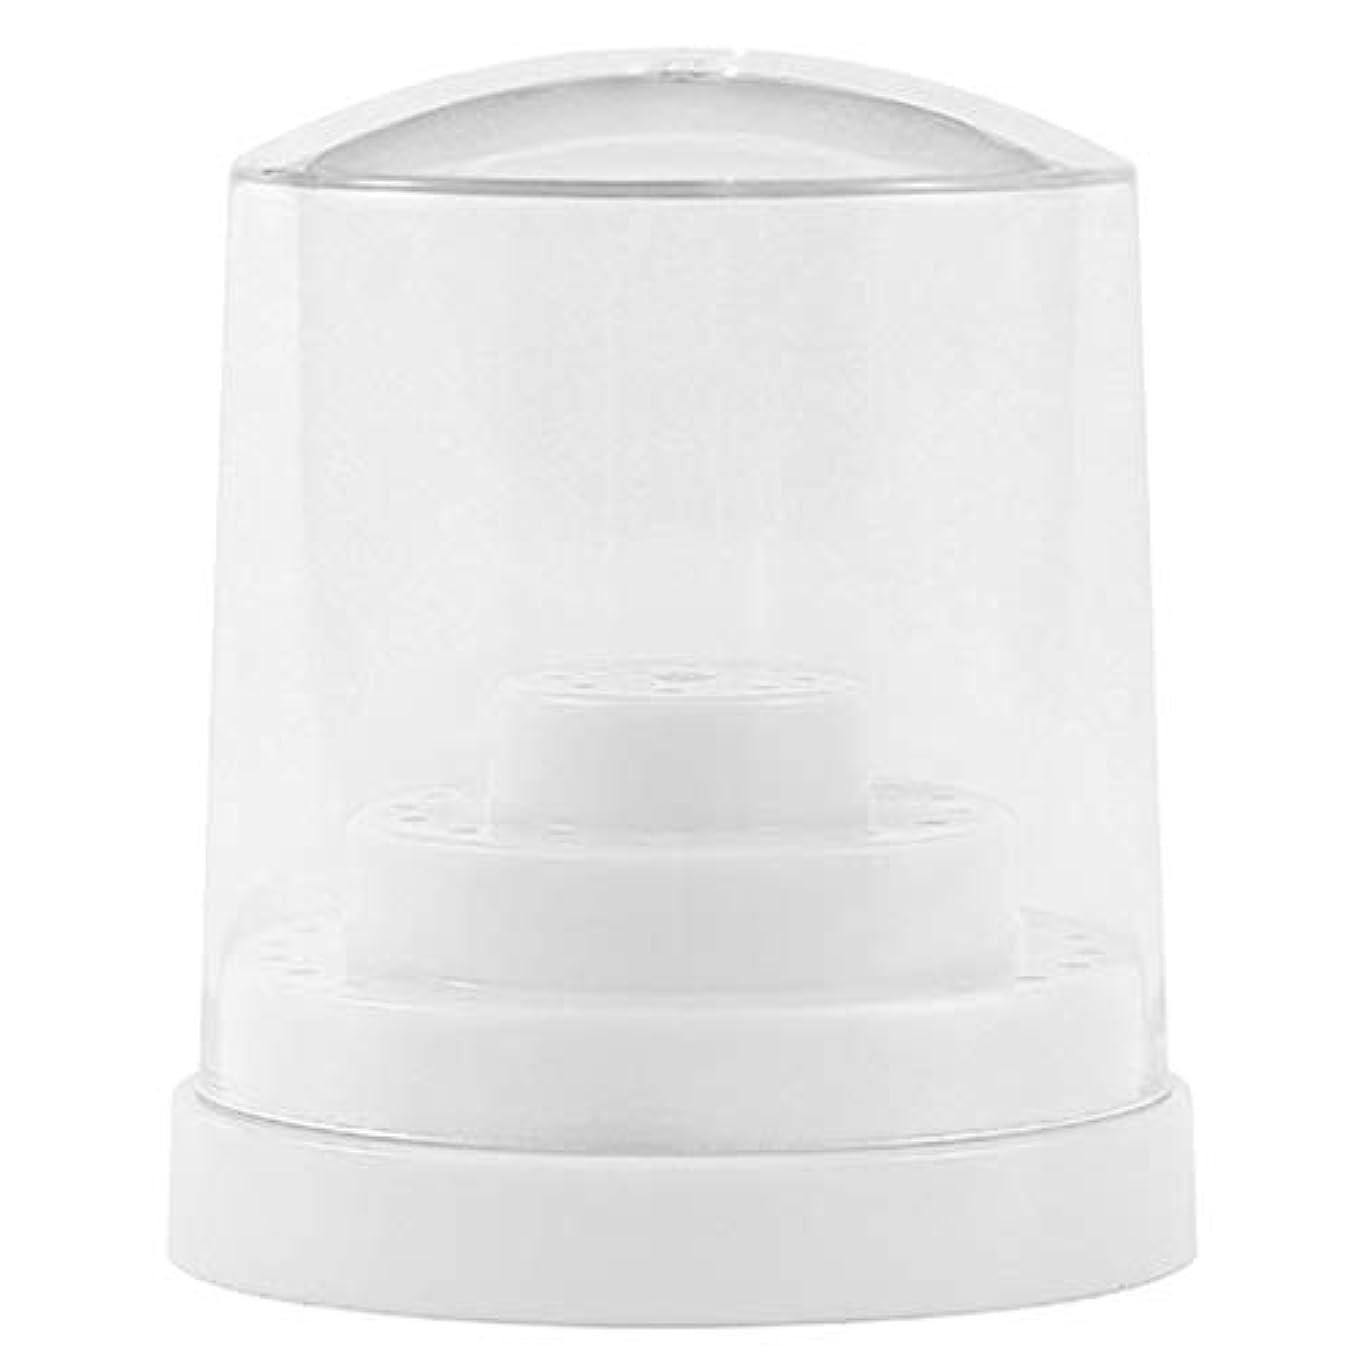 顎迅速しないでくださいPerfeclan 三層48穴 ネイルドリルビットホルダー アクリル製 ネイルマシーン用ビットスタンド 防塵 全2色 - ホワイト